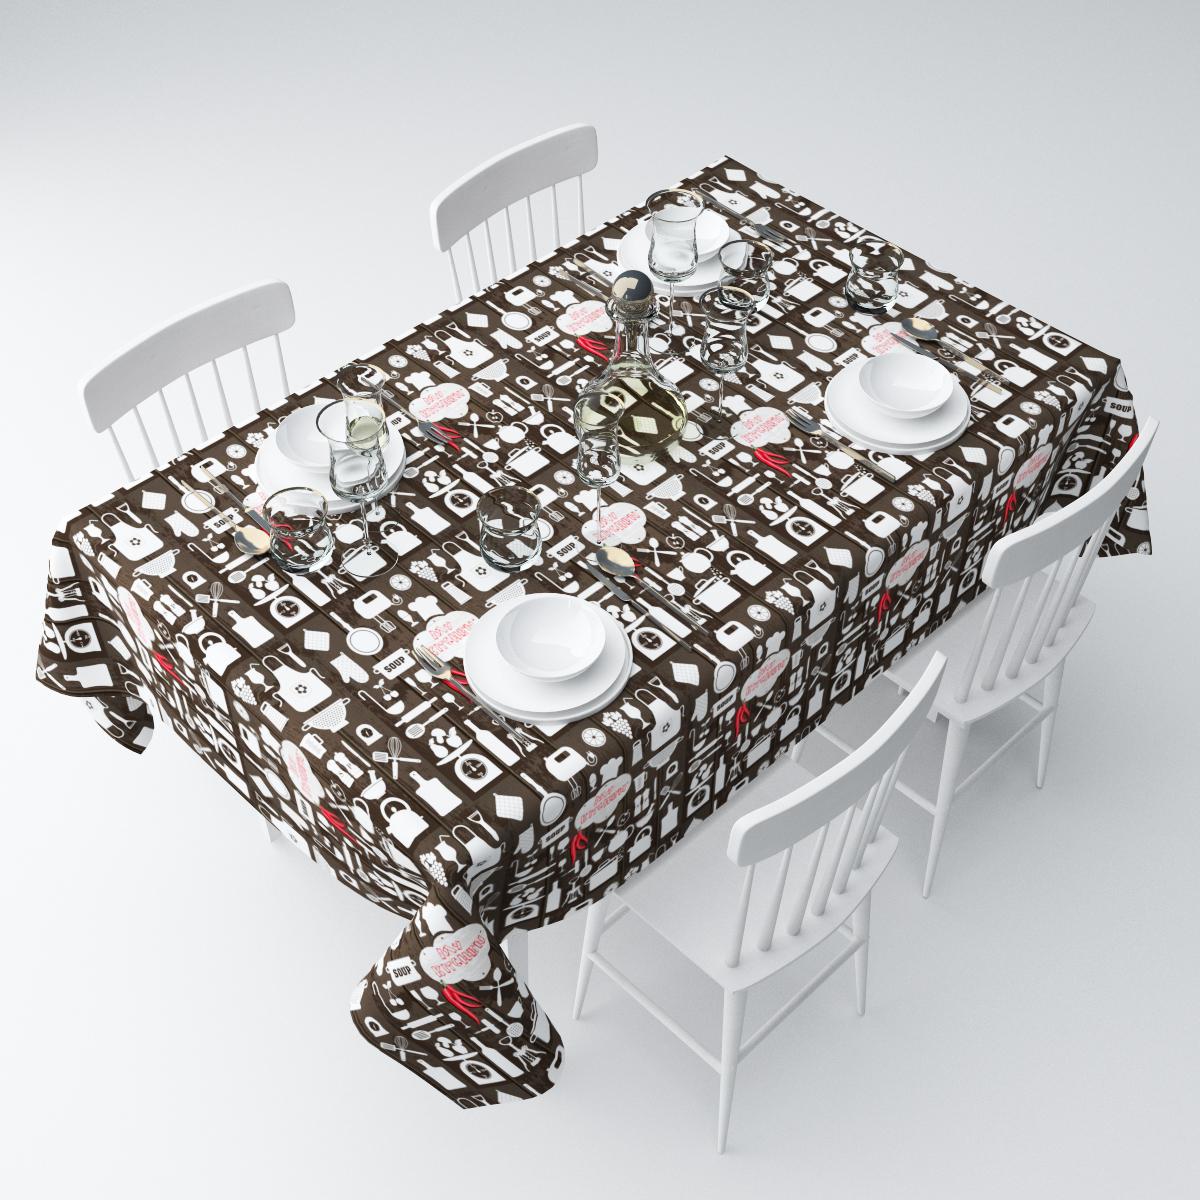 Скатерть Сирень Моя кухня, прямоугольная, 145 х 220 смСКГБ004-04060Прямоугольная скатерть Сирень Моя кухня, выполненная изгабардина с ярким рисунком, преобразит вашу кухню, визуальнорасширит пространство, создаст атмосферу радости и комфорта.Рекомендации по уходу: стирка при 30 градусах, гладить при температуре до 110градусов. Размер скатерти: 145 х 220 см.Изображение может немного отличаться от реального.